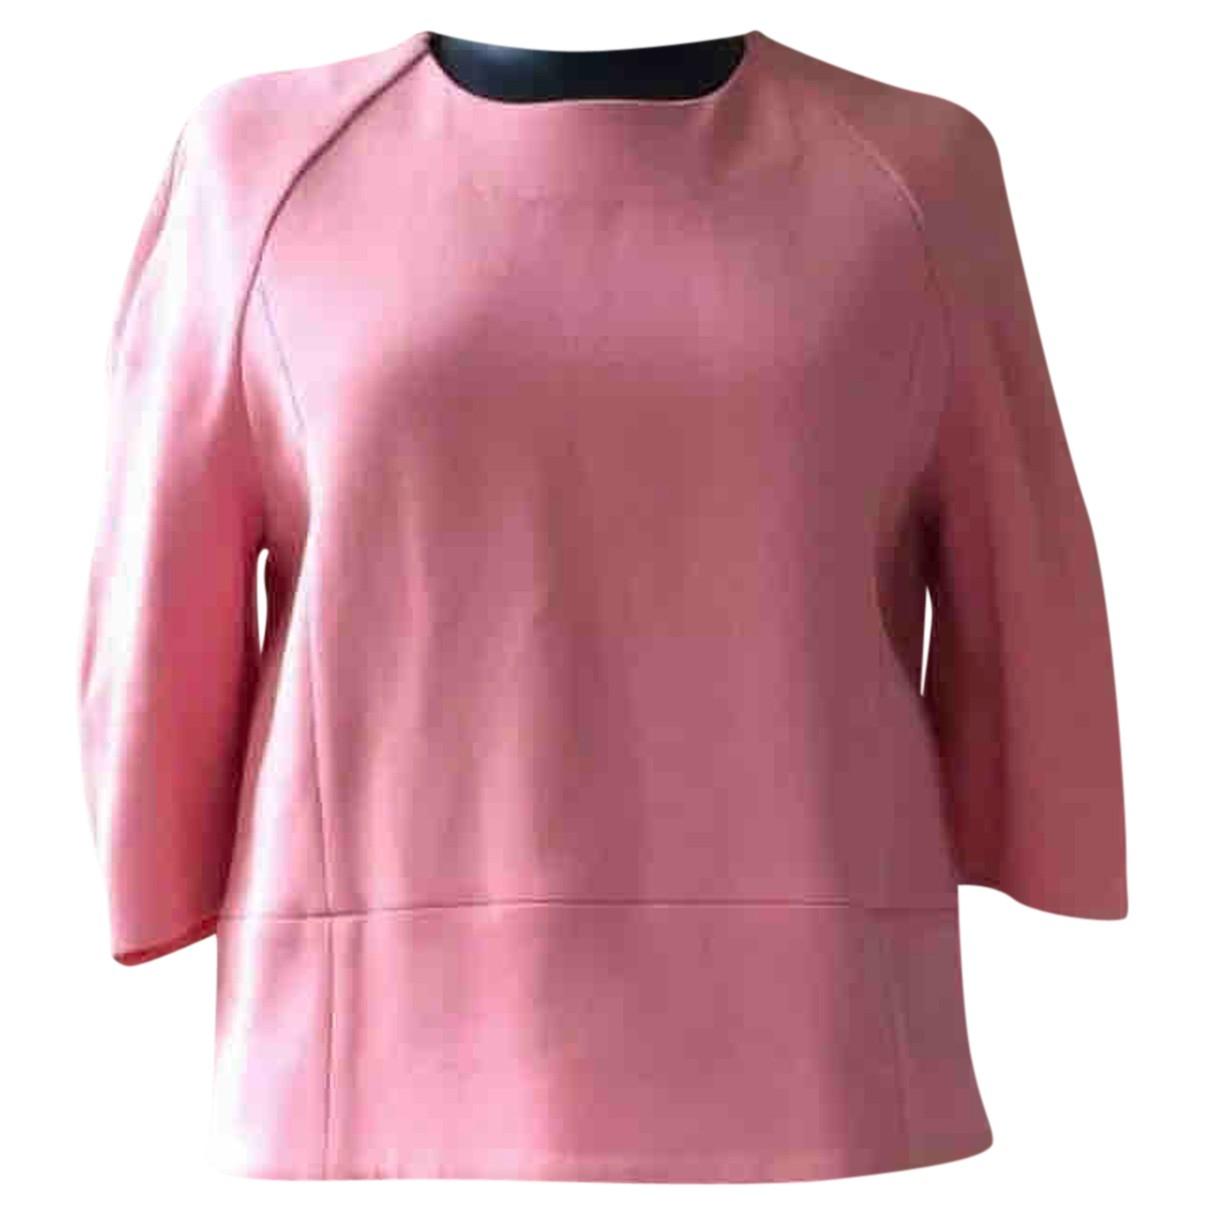 Marni - Top   pour femme en laine - rose